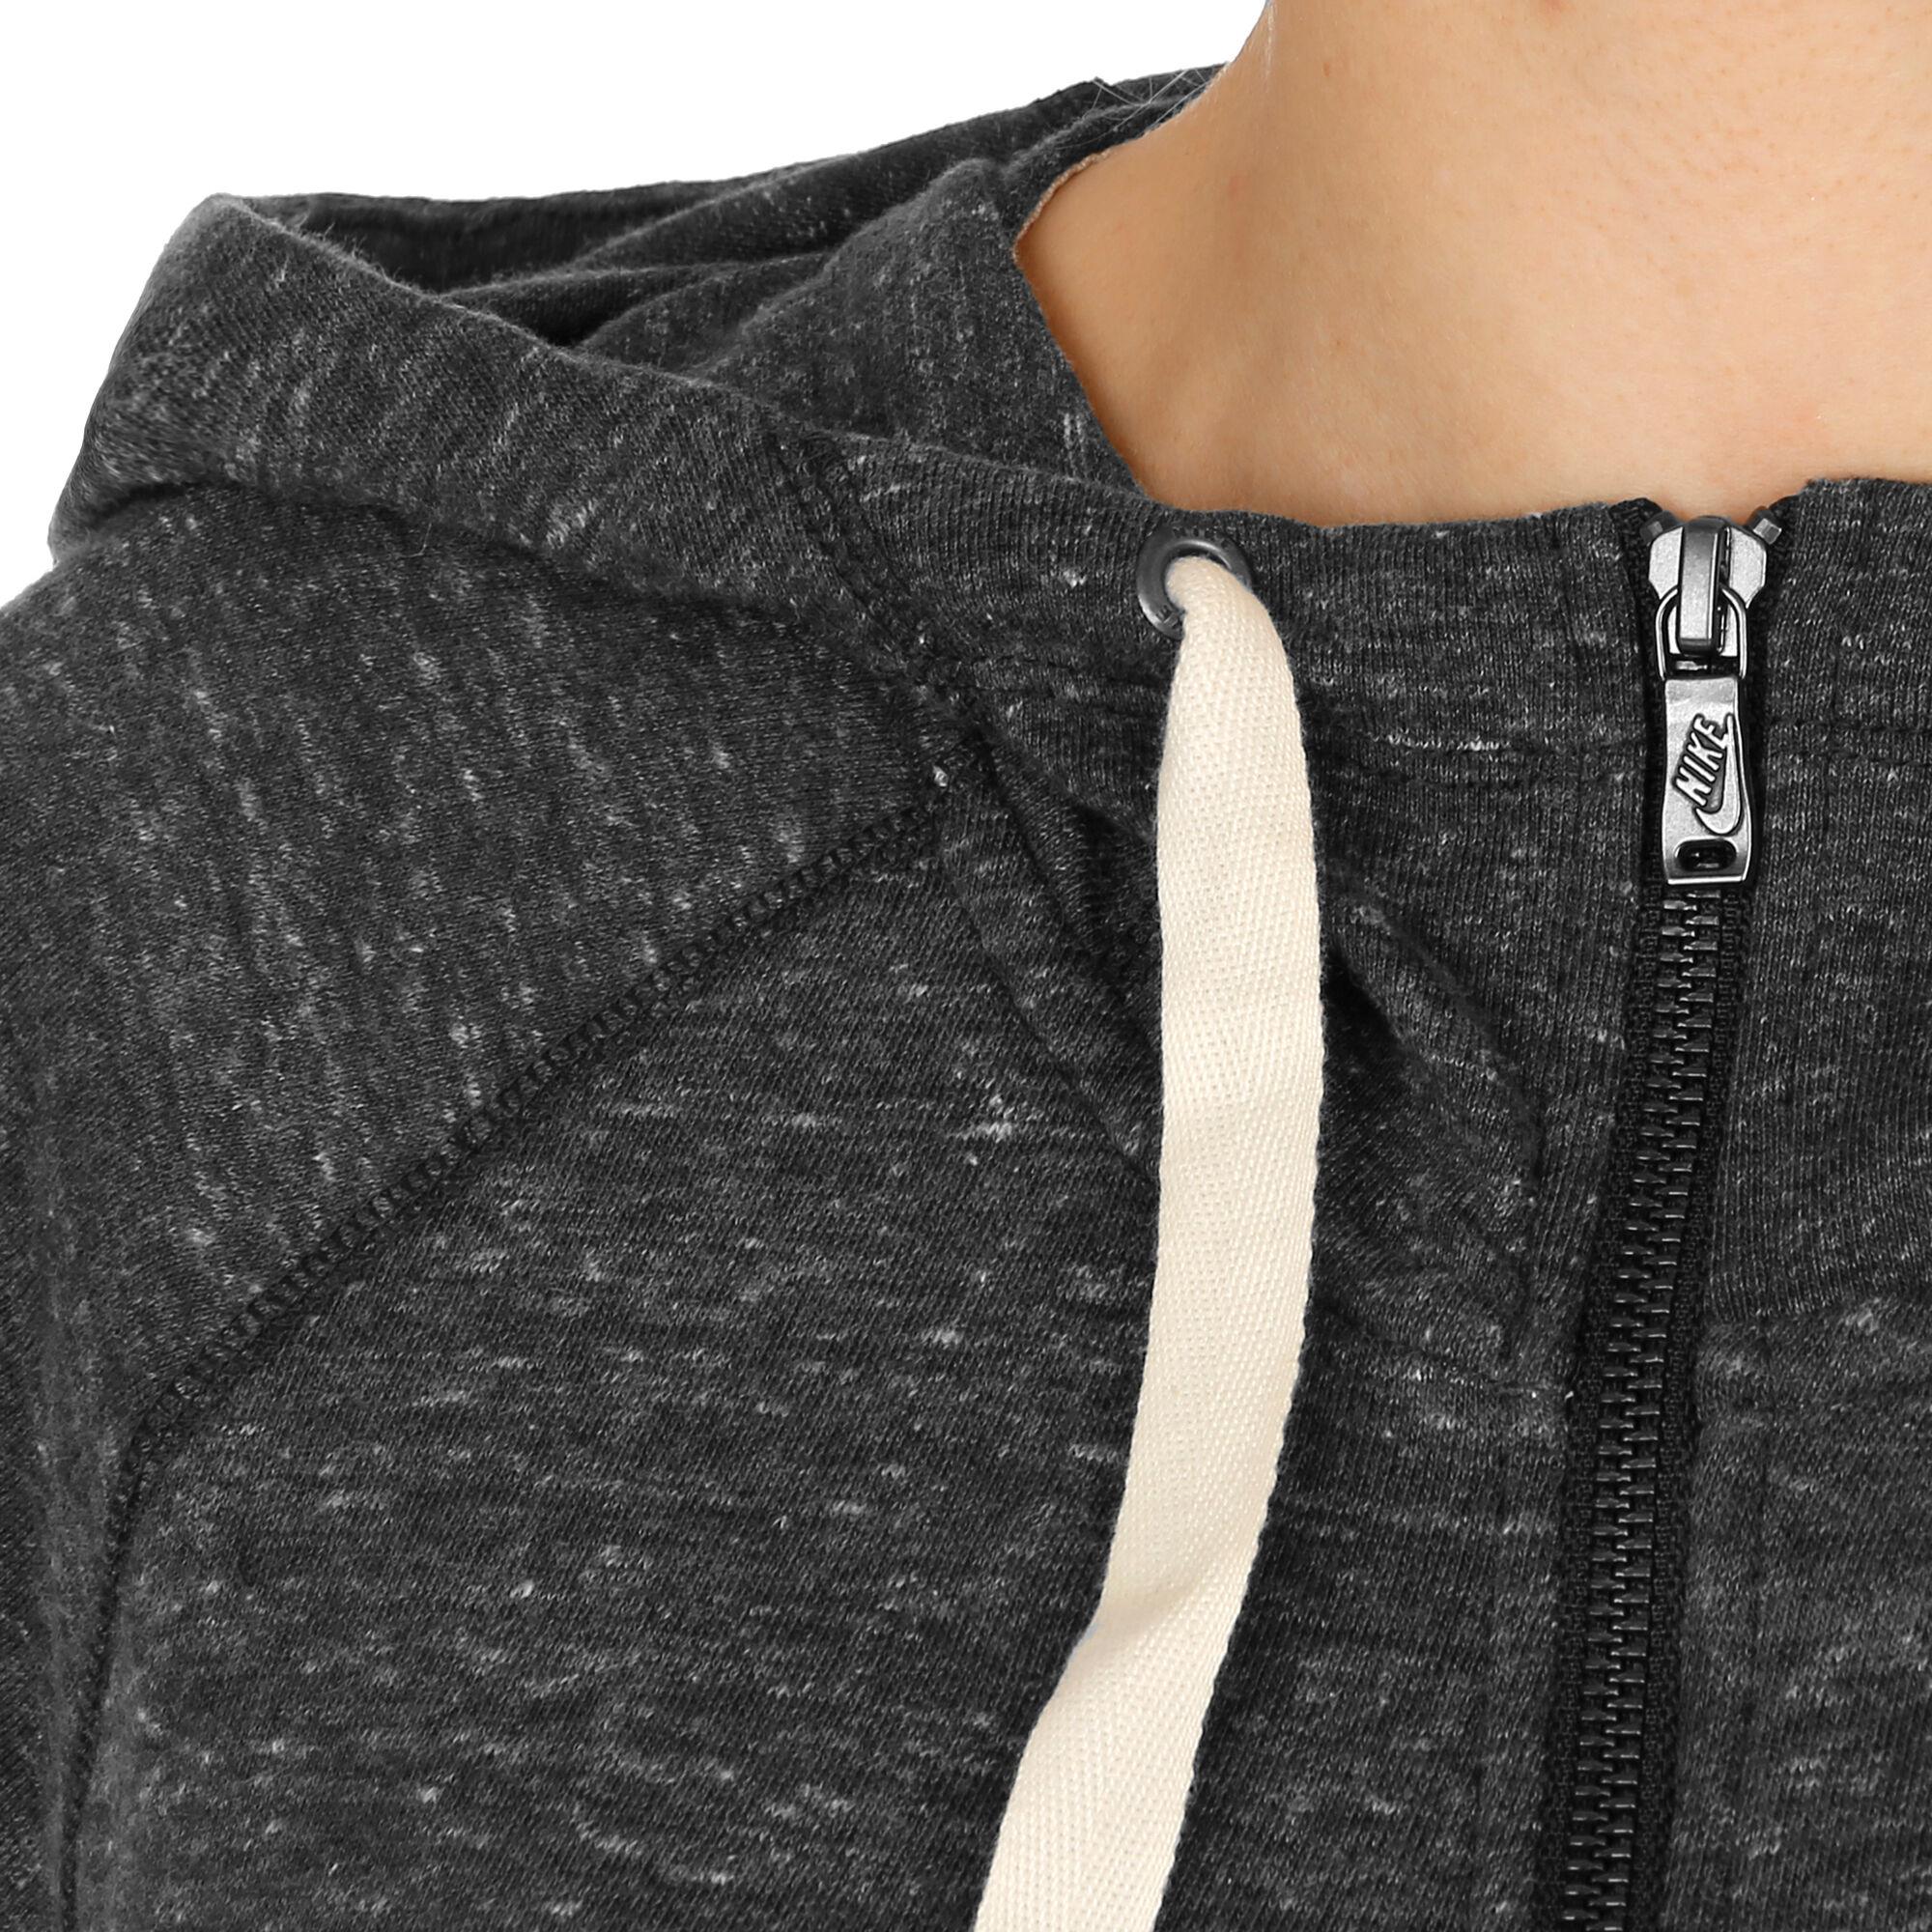 Nike · Nike · Nike · Nike · Nike · Nike · Nike · Nike · Nike. Gym Vintage  Full-Zip Hoody ... 01e3acf776